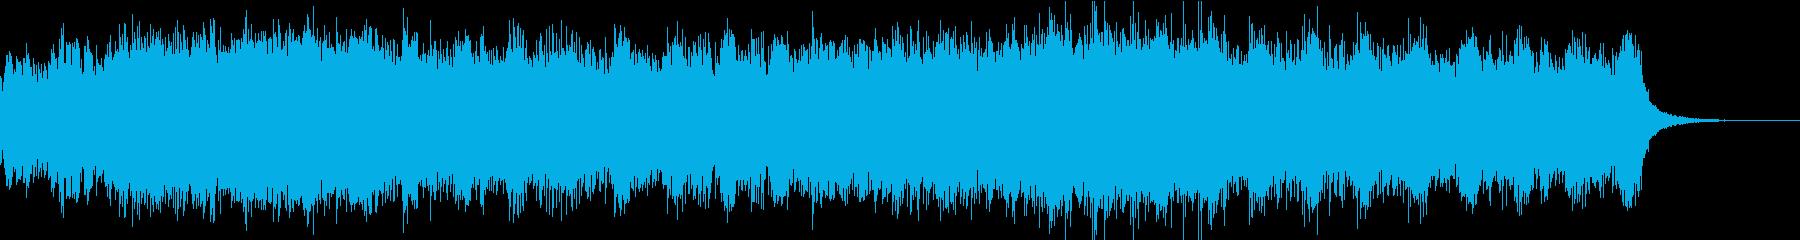 癒し系アンビエントなエレクトロの再生済みの波形